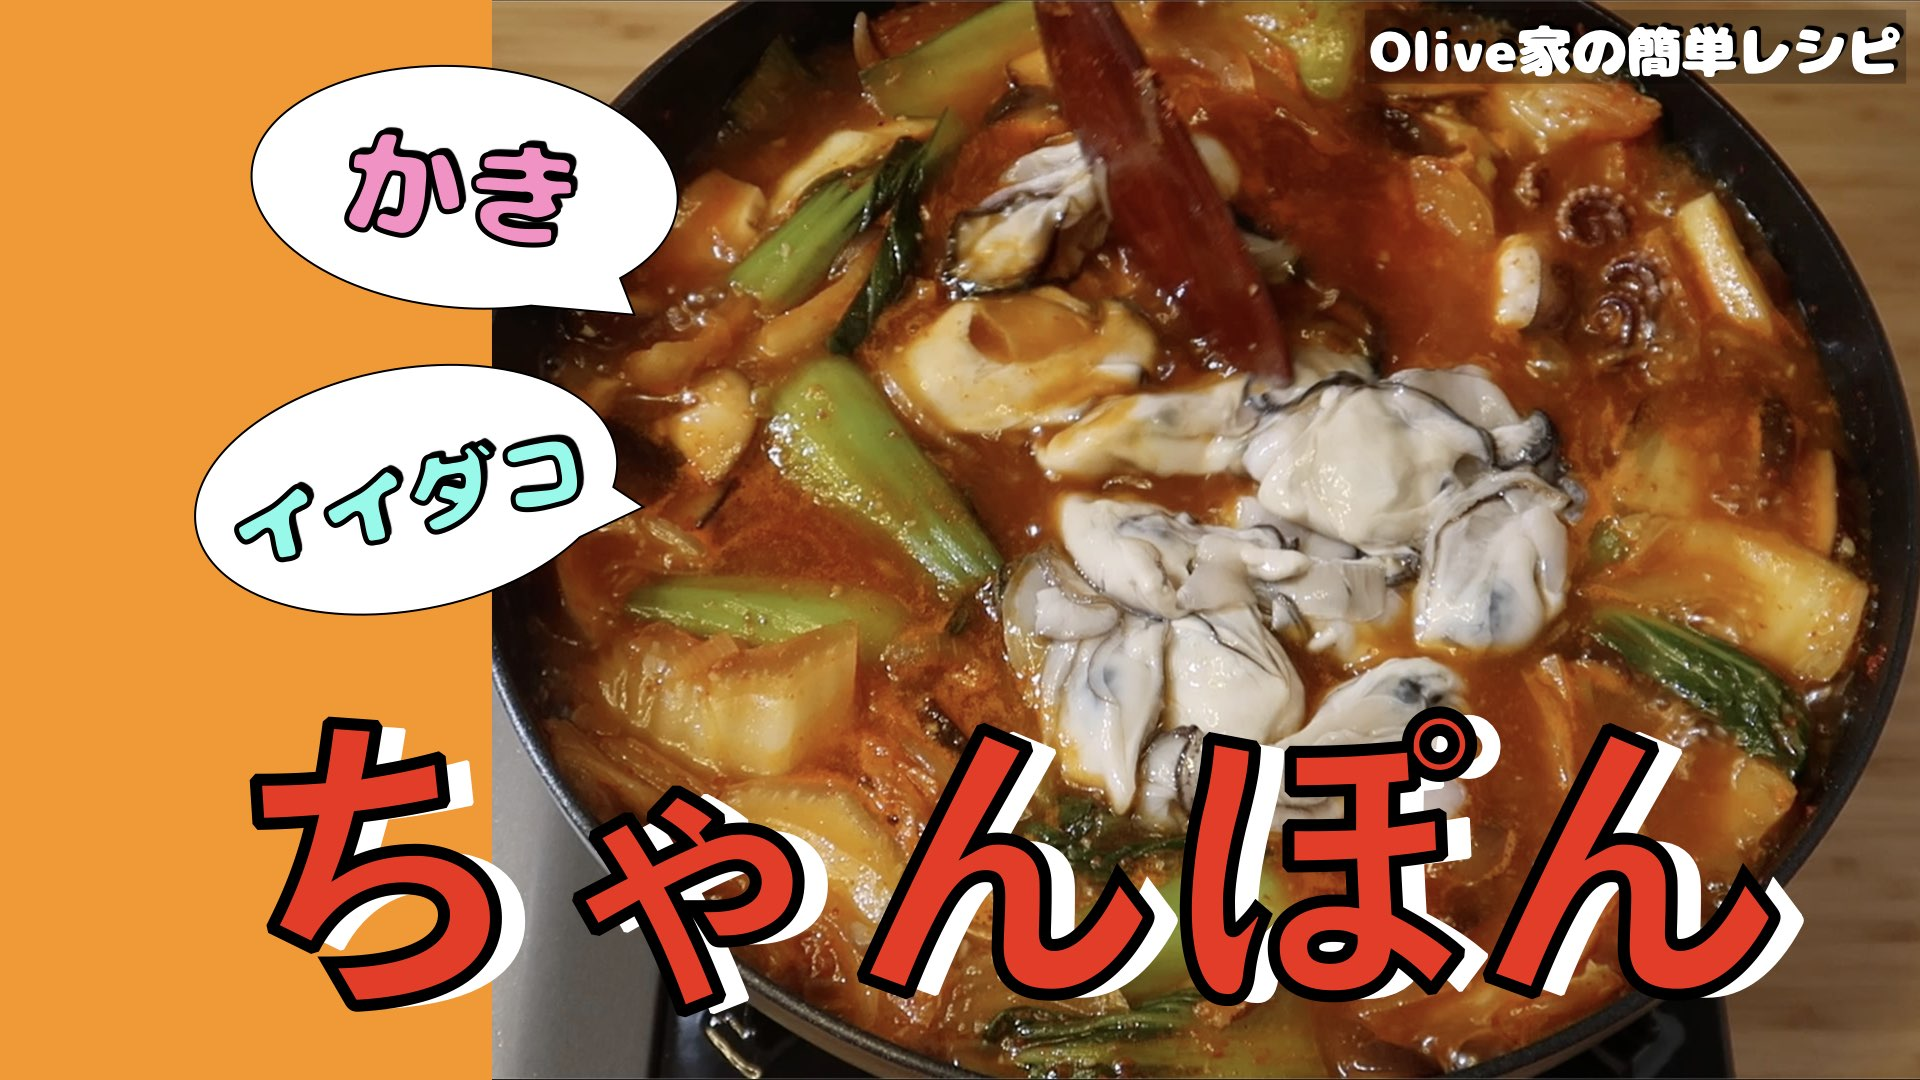 Olive家の簡単レシピ | 牡蠣とイイダコが入ったちゃんぽん | 辛味ちゃんぽん